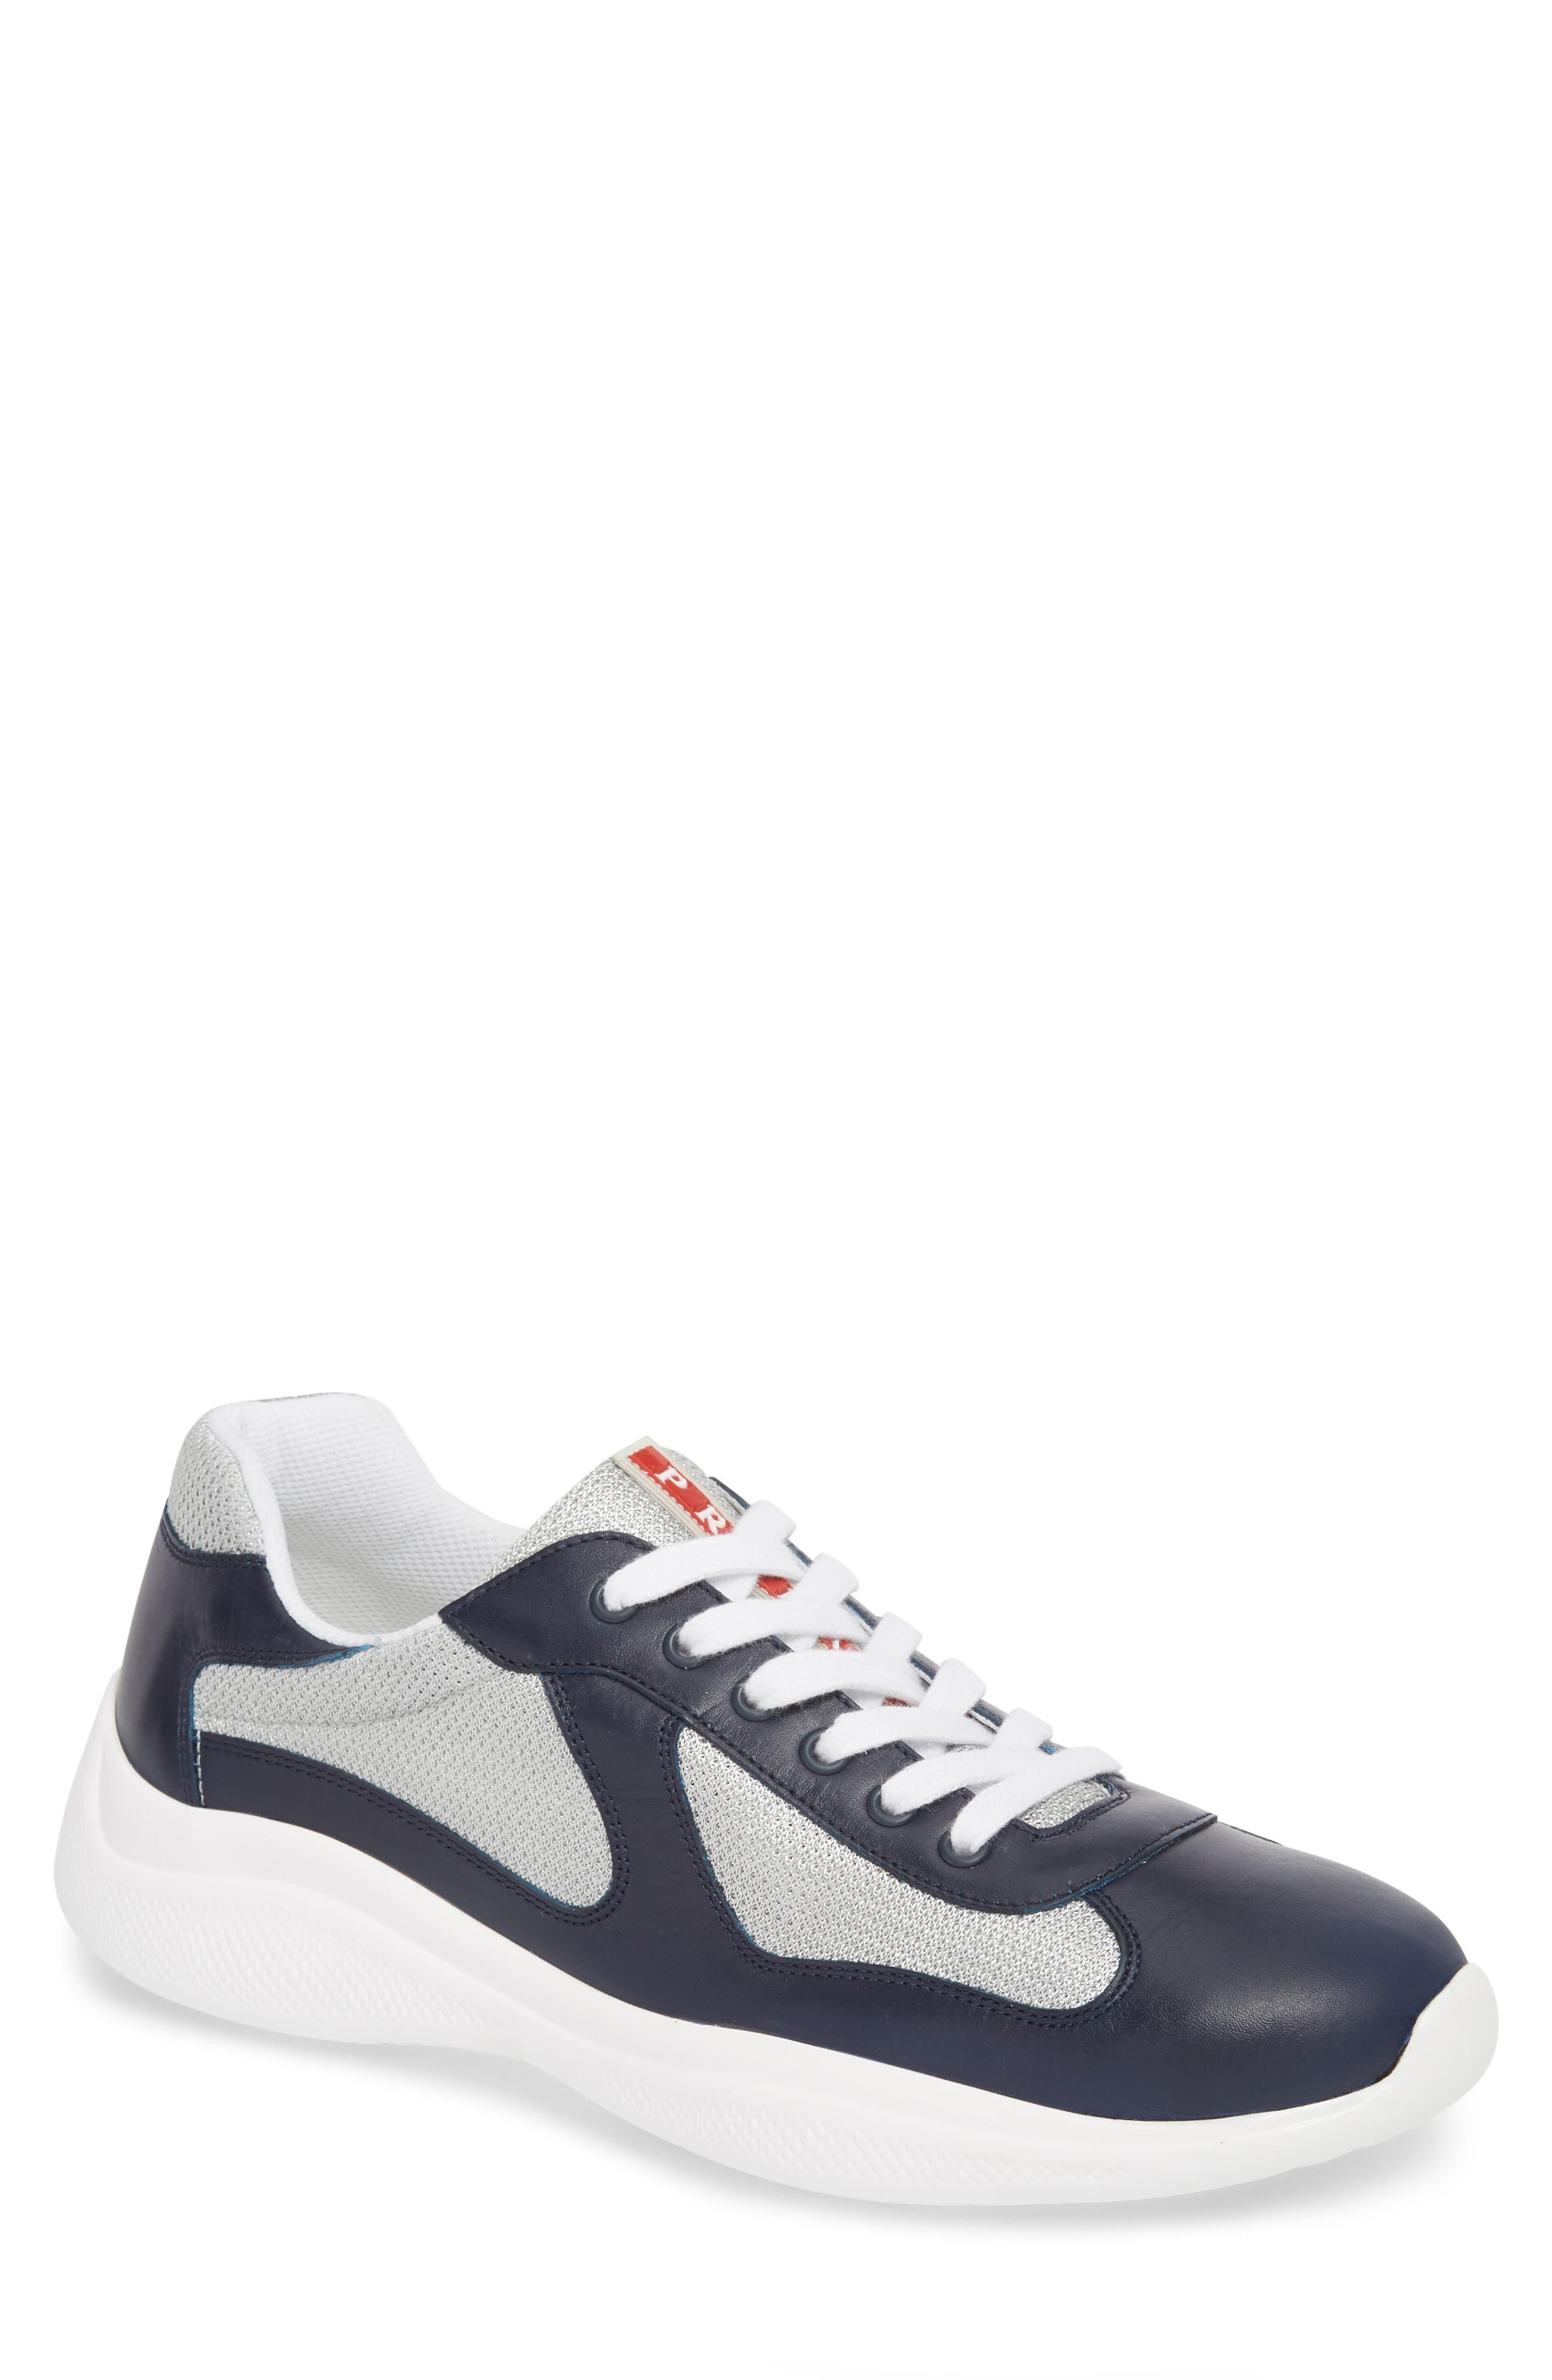 'Punta Ala' Sneaker,                             Main thumbnail 1, color,                             Baltic Blue/ Argento